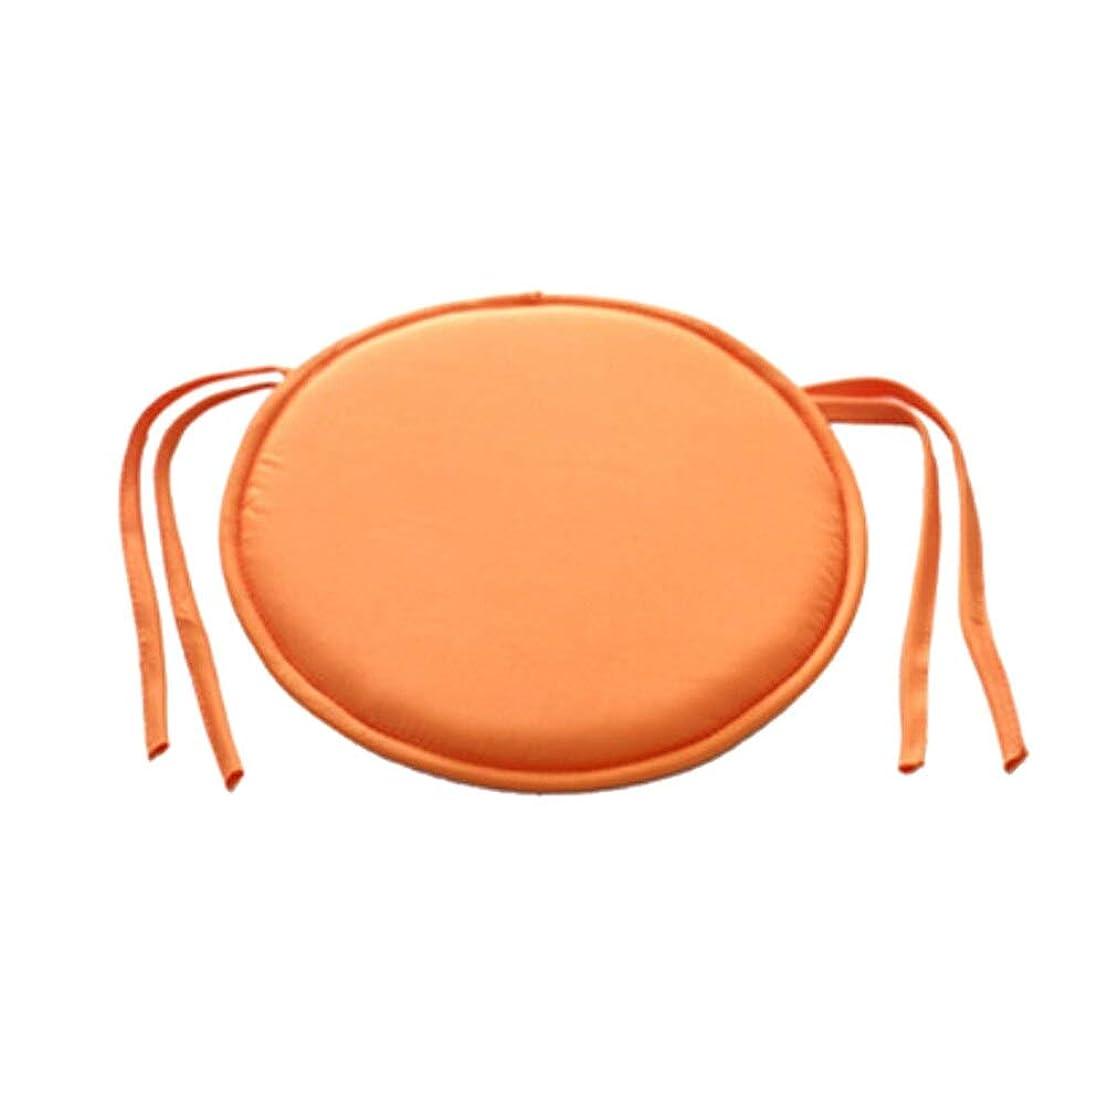 ストライク誰か謙虚なLIFE ホット販売ラウンドチェアクッション屋内ポップパティオオフィスチェアシートパッドネクタイスクエアガーデンキッチンダイニングクッション クッション 椅子